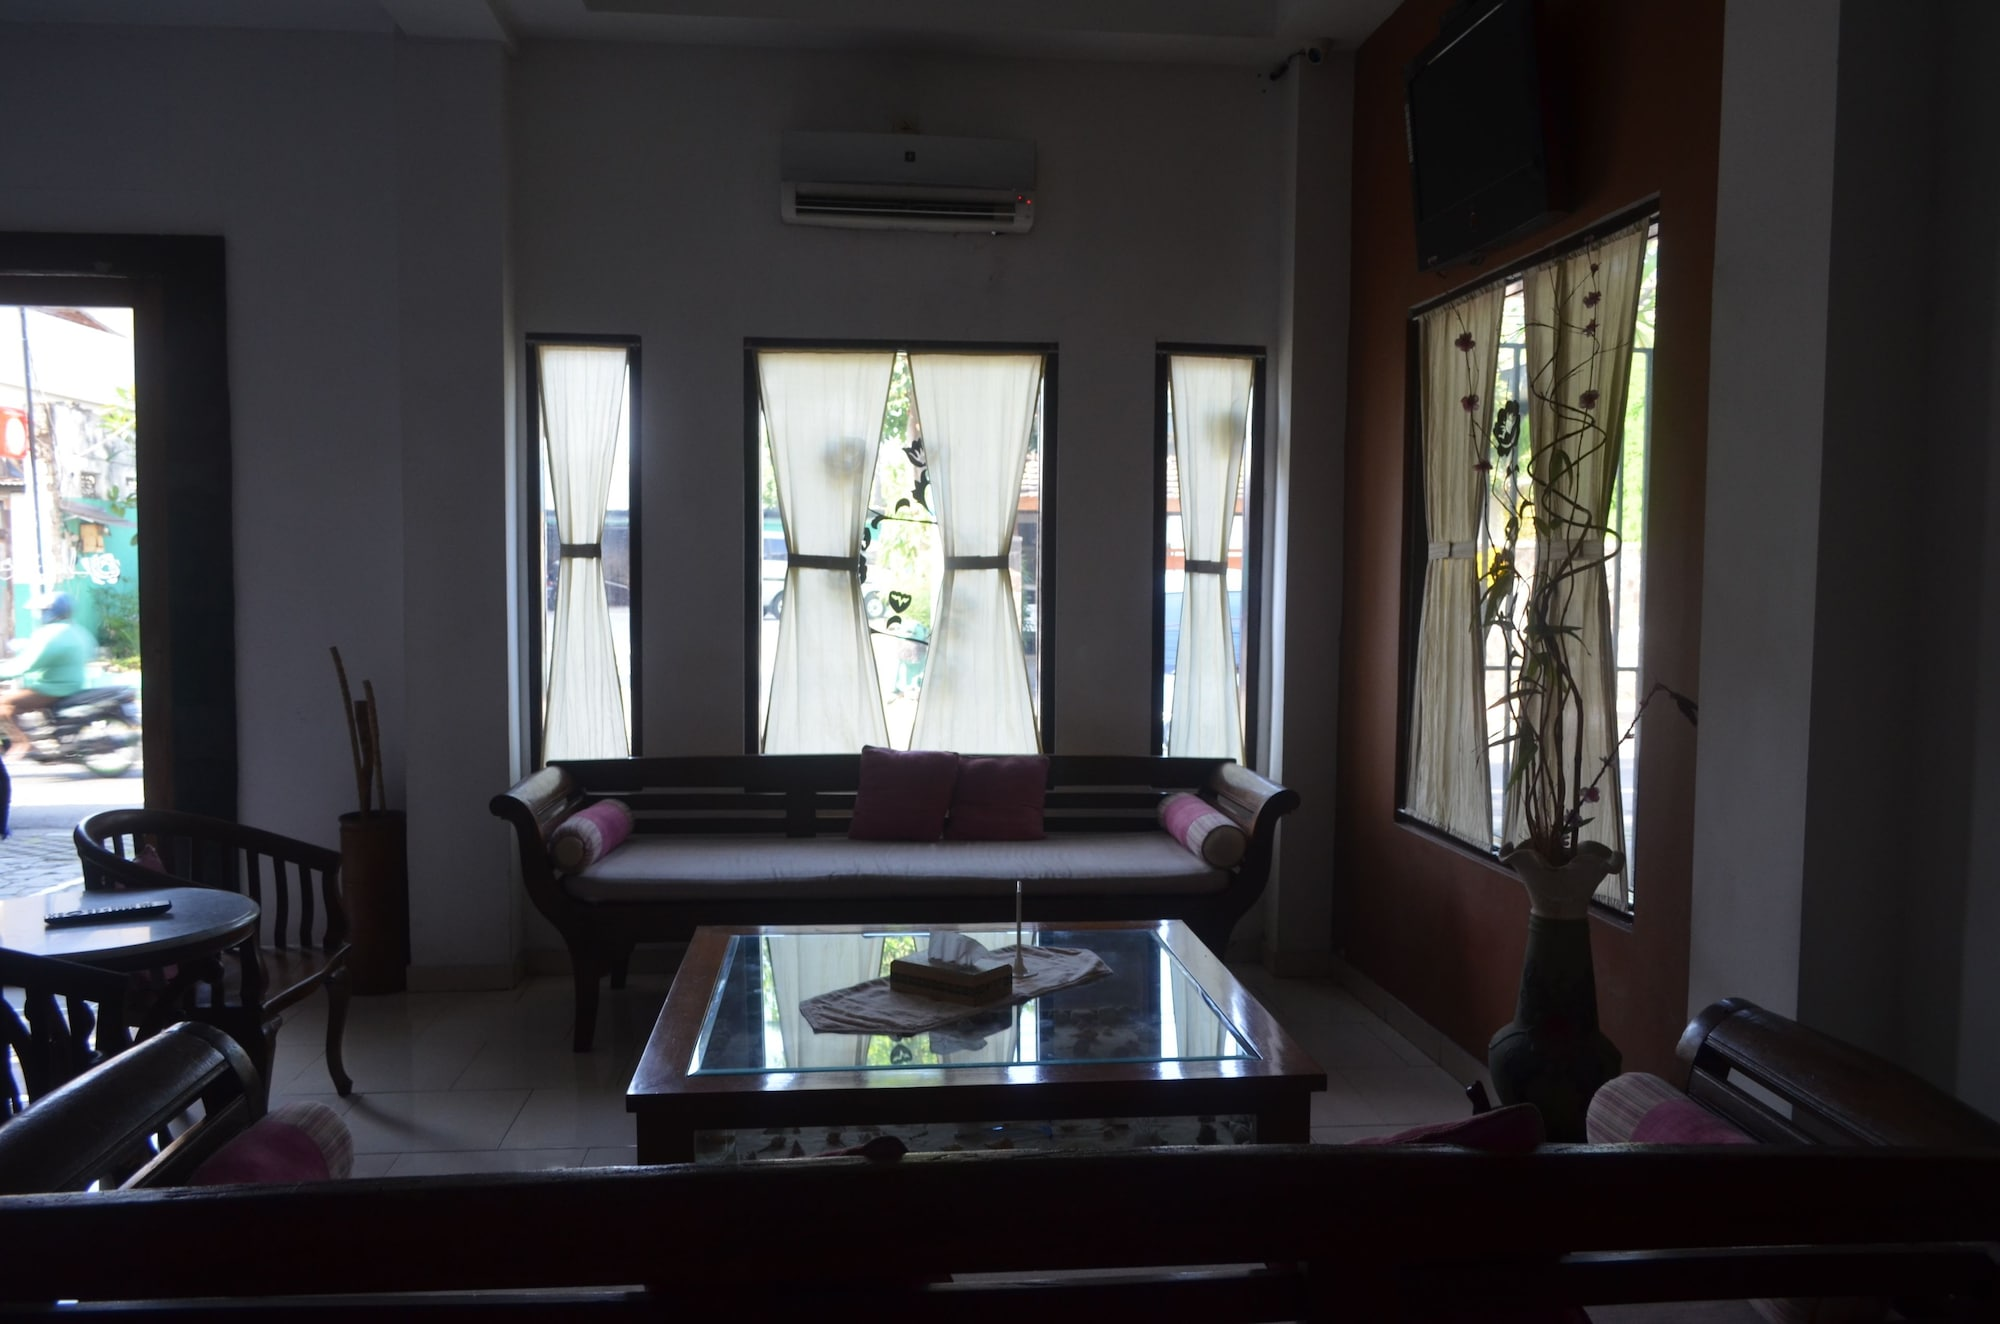 Mawar Asri Hotel, Yogyakarta